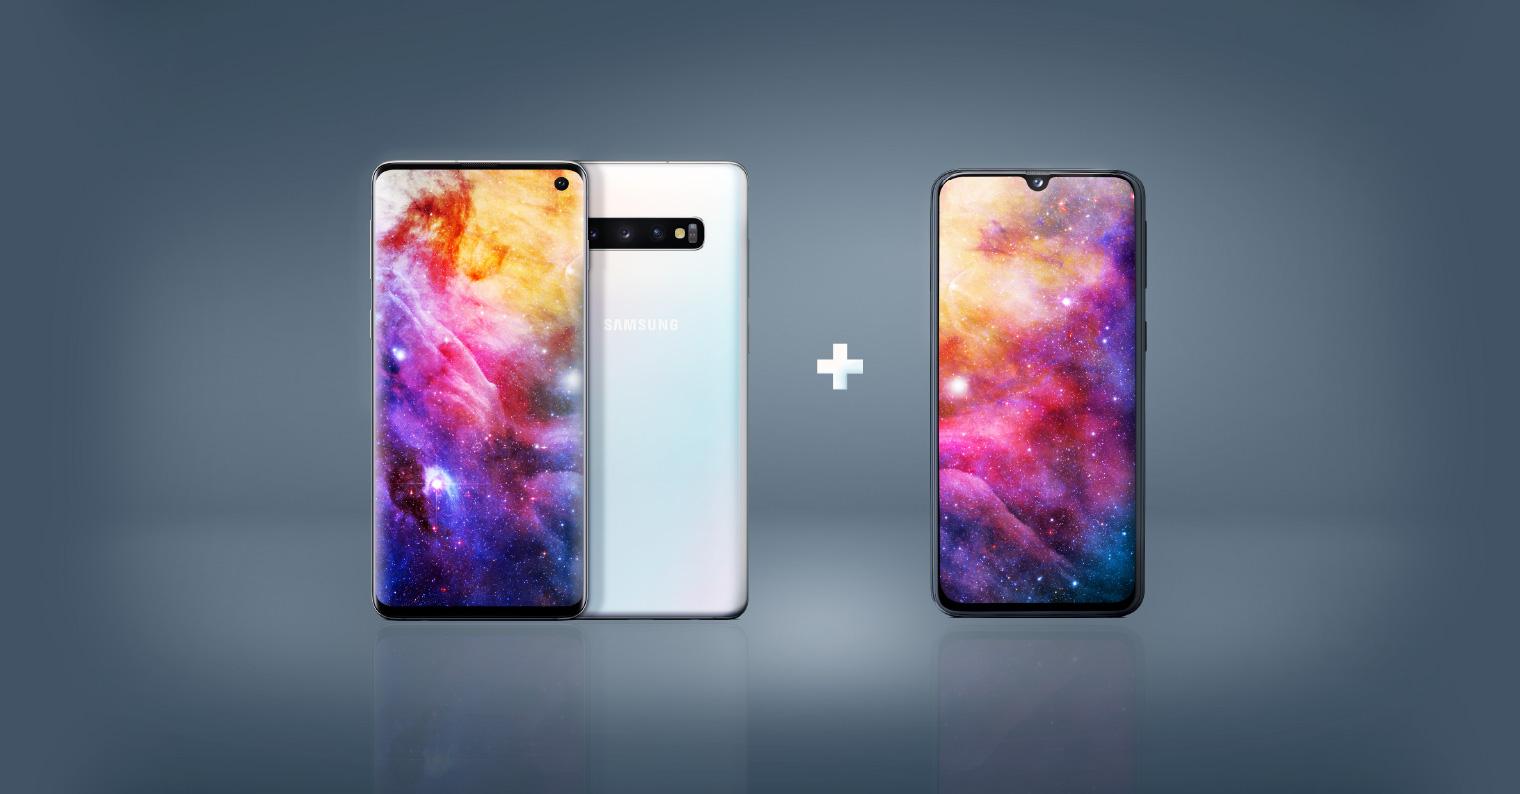 Galaxy S10 + Galaxy A40 FB